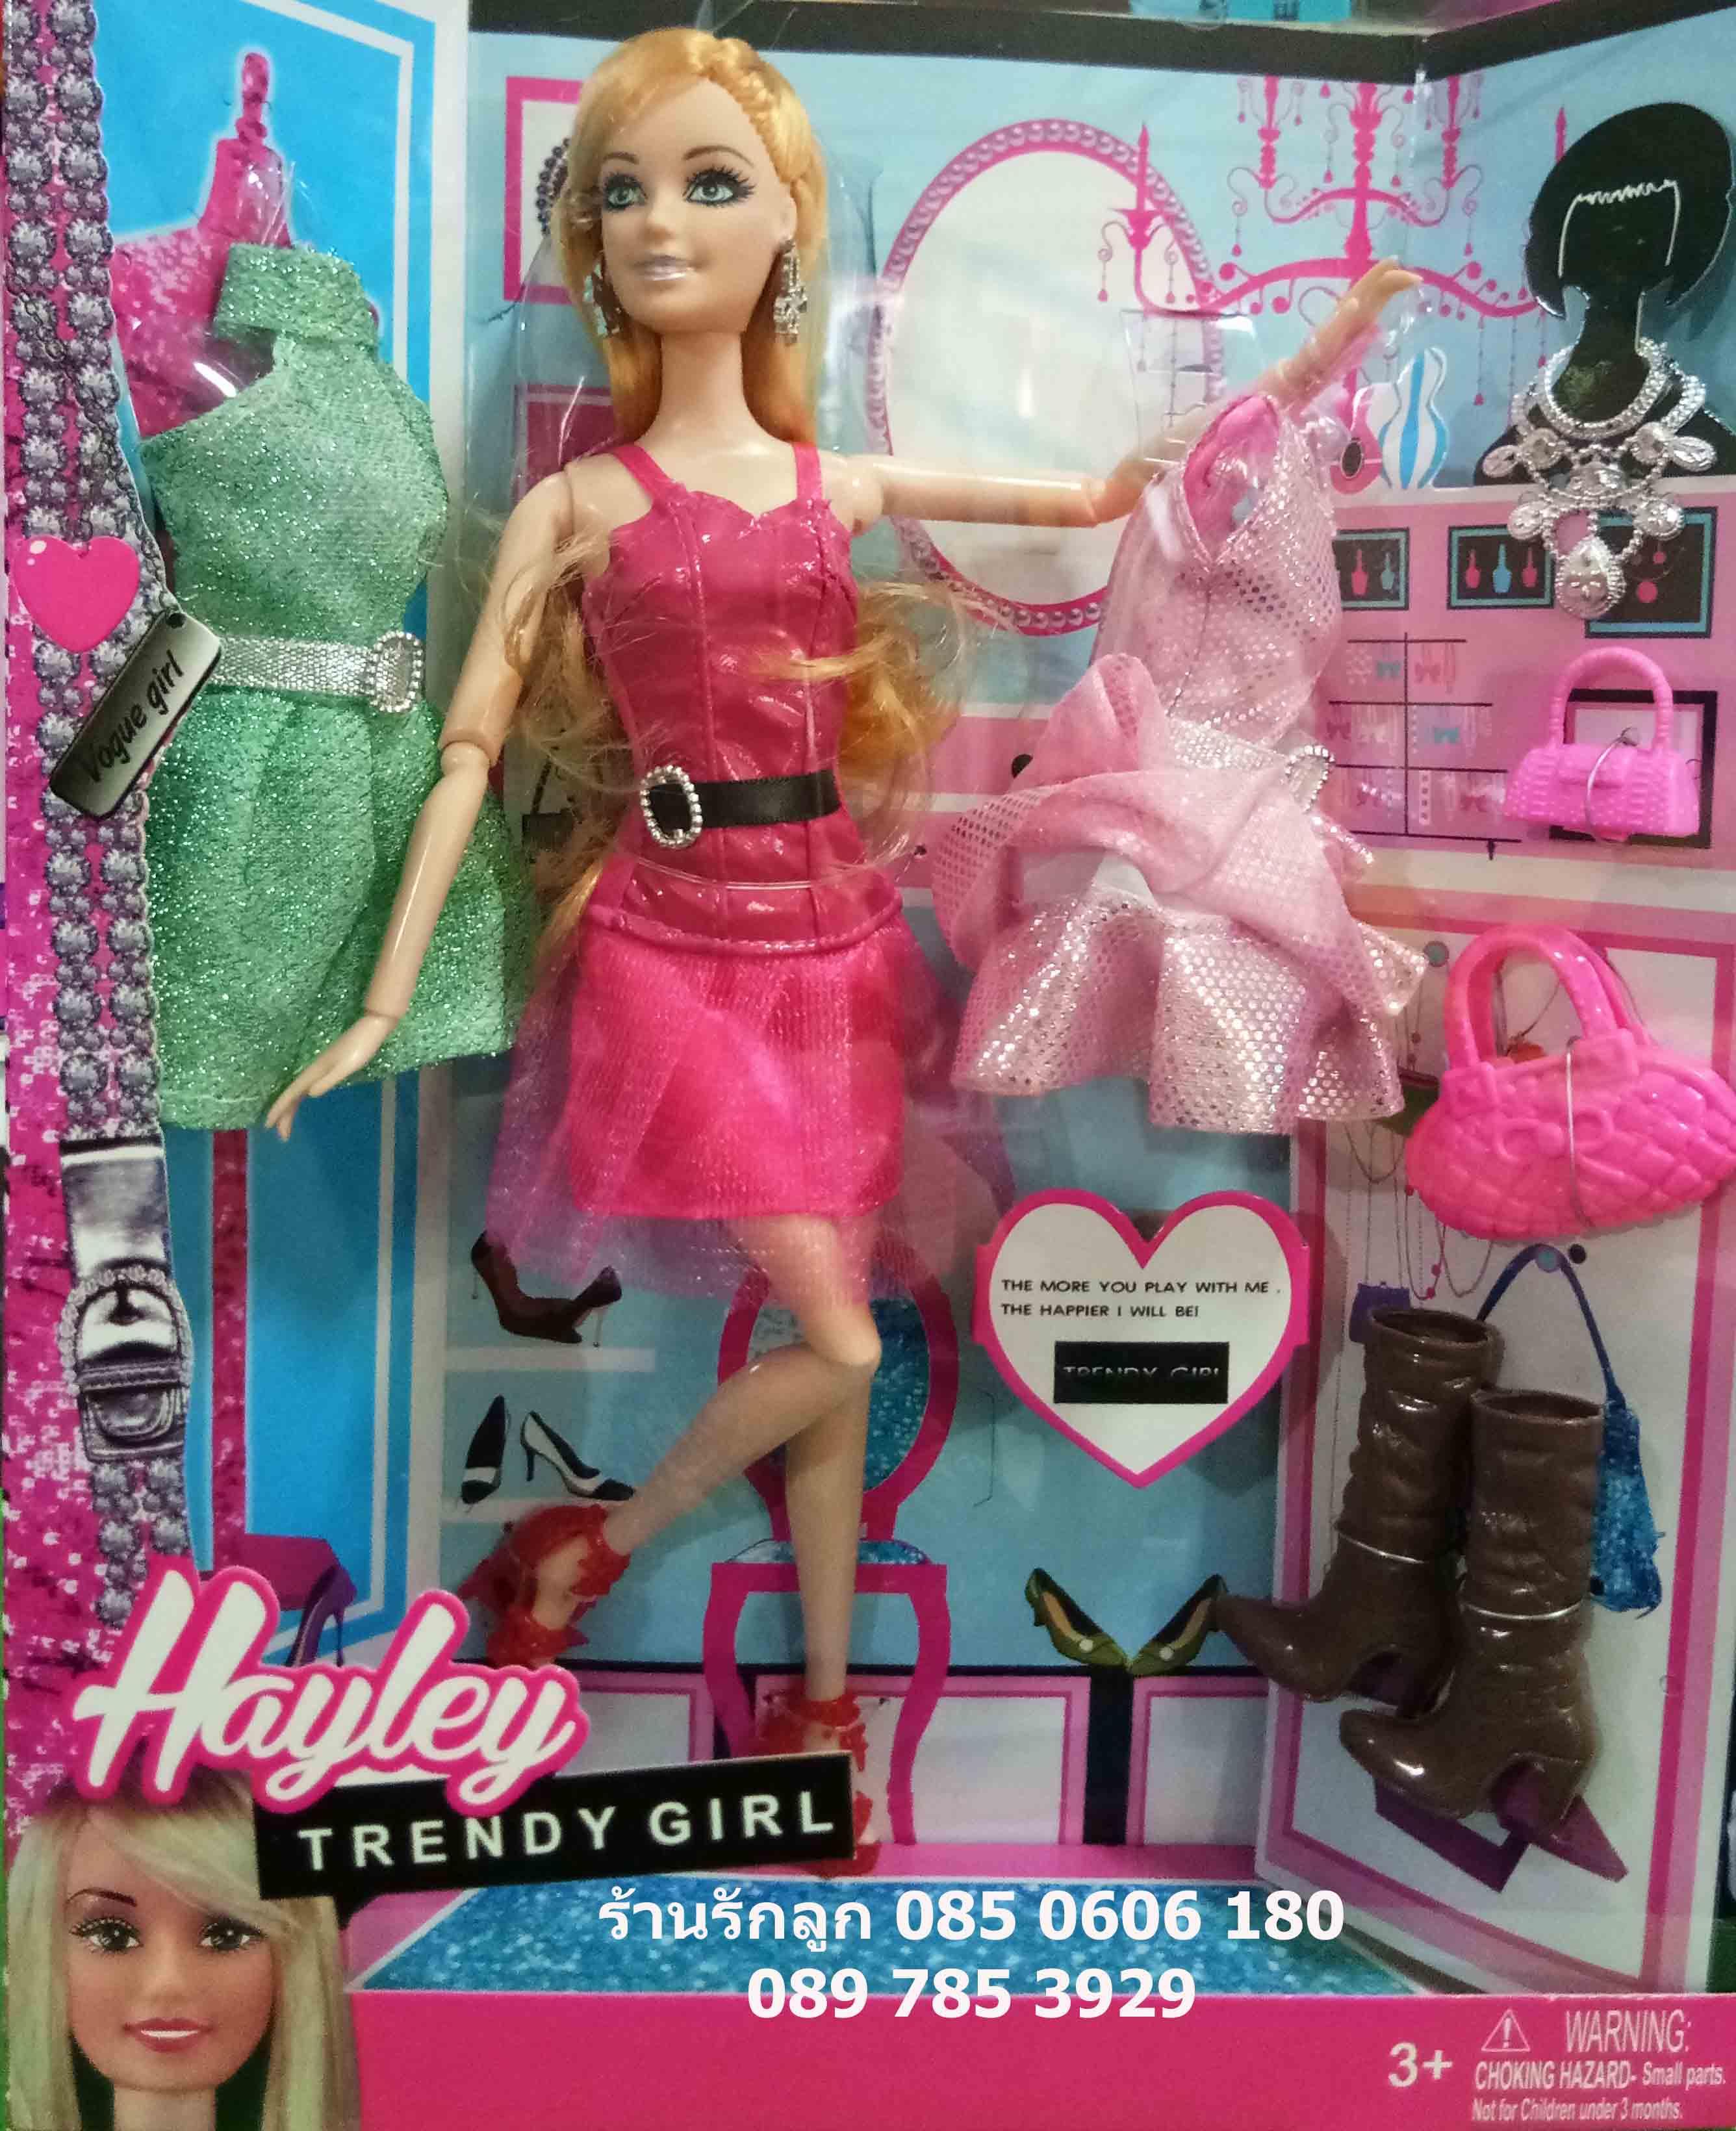 ตุ๊กตาแฟชั่นแต่งตัว อุปกรณ์แต่งตัวตุ๊กตา